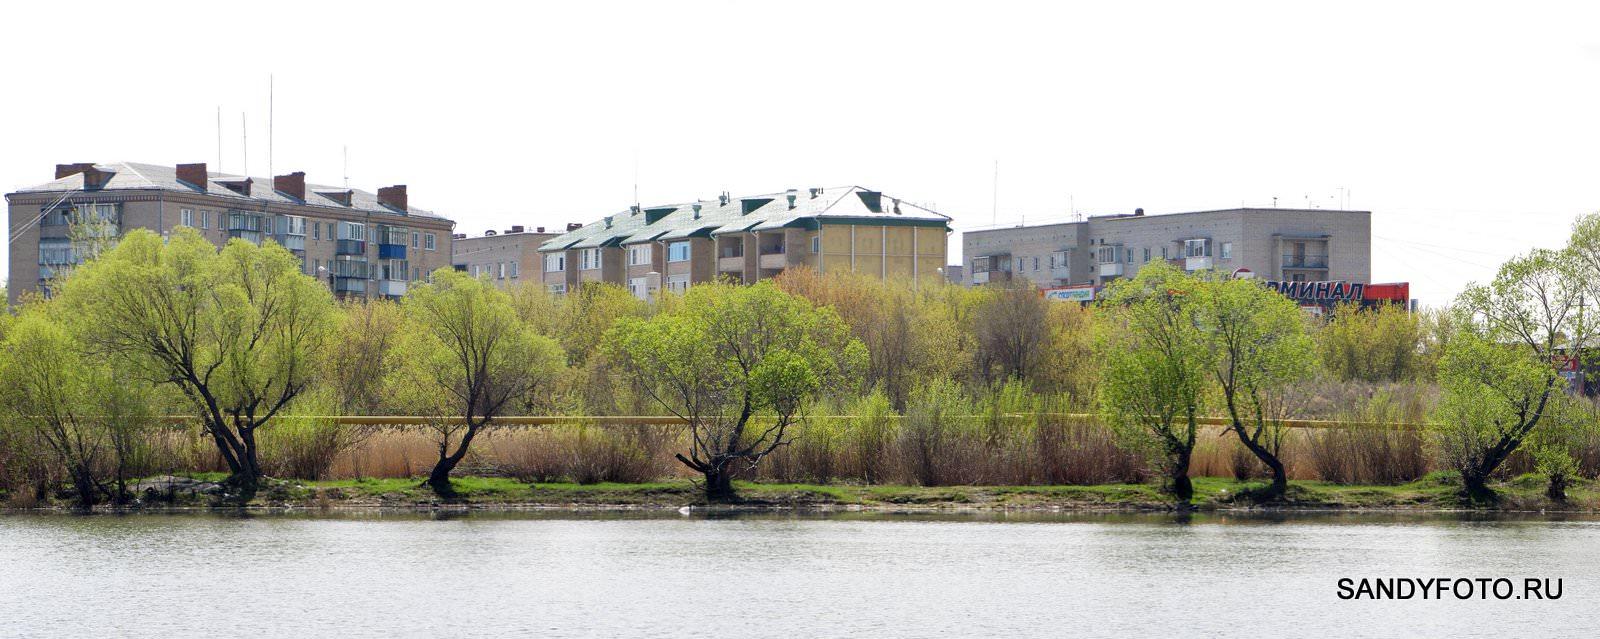 Зеленеющий берег реки Увельки